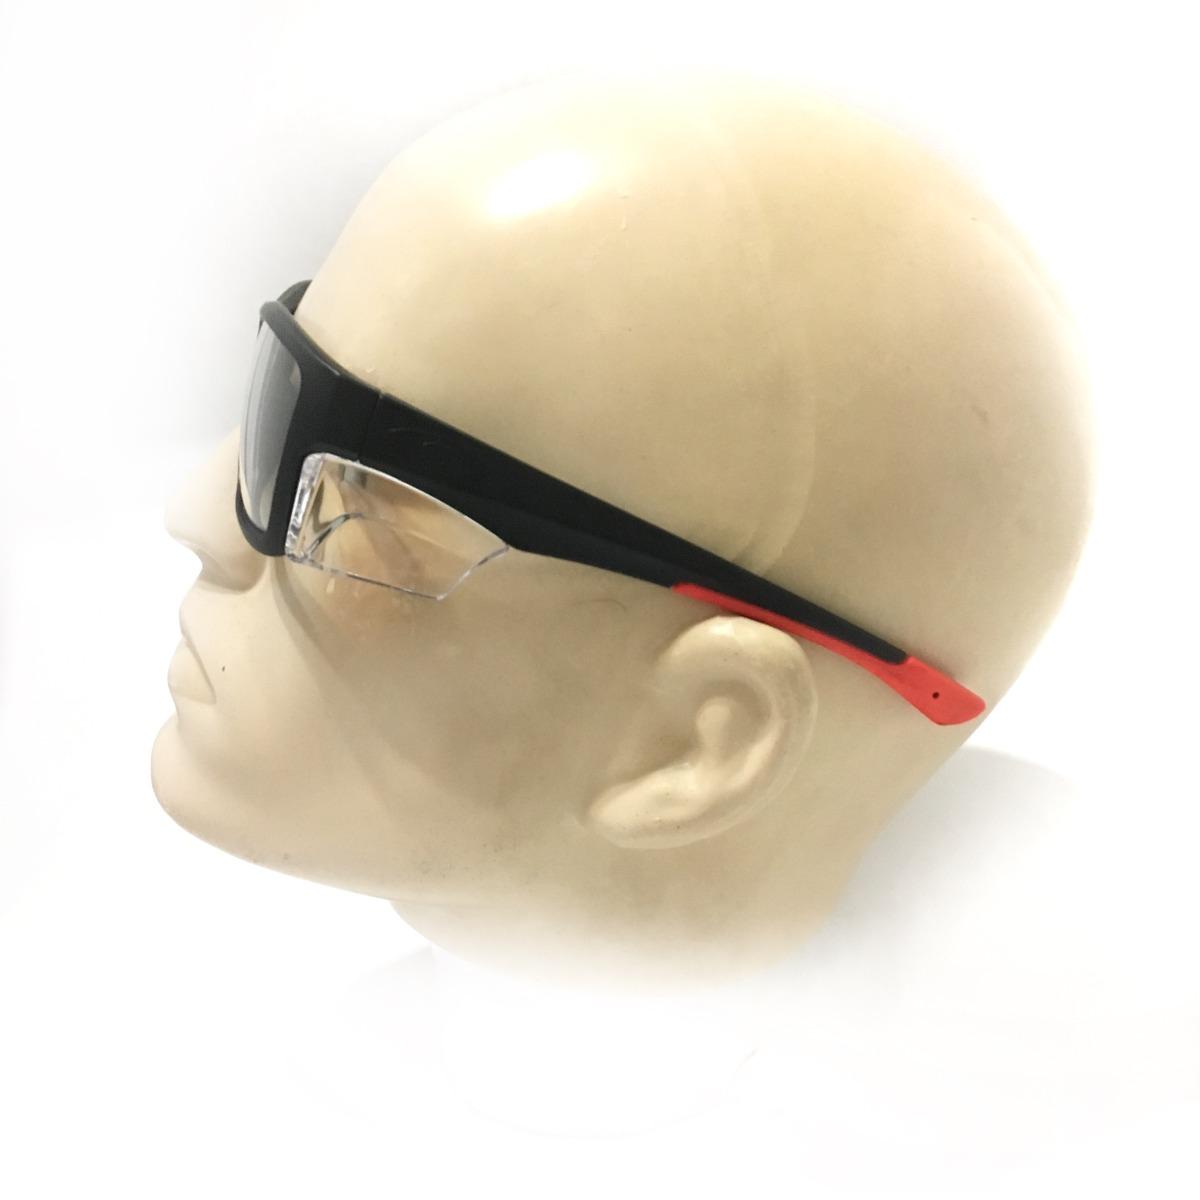 Kit 3 Armações Óculos Segurança P  Lente De Grau Ssrx - R  97,99 em ... 54318b478b